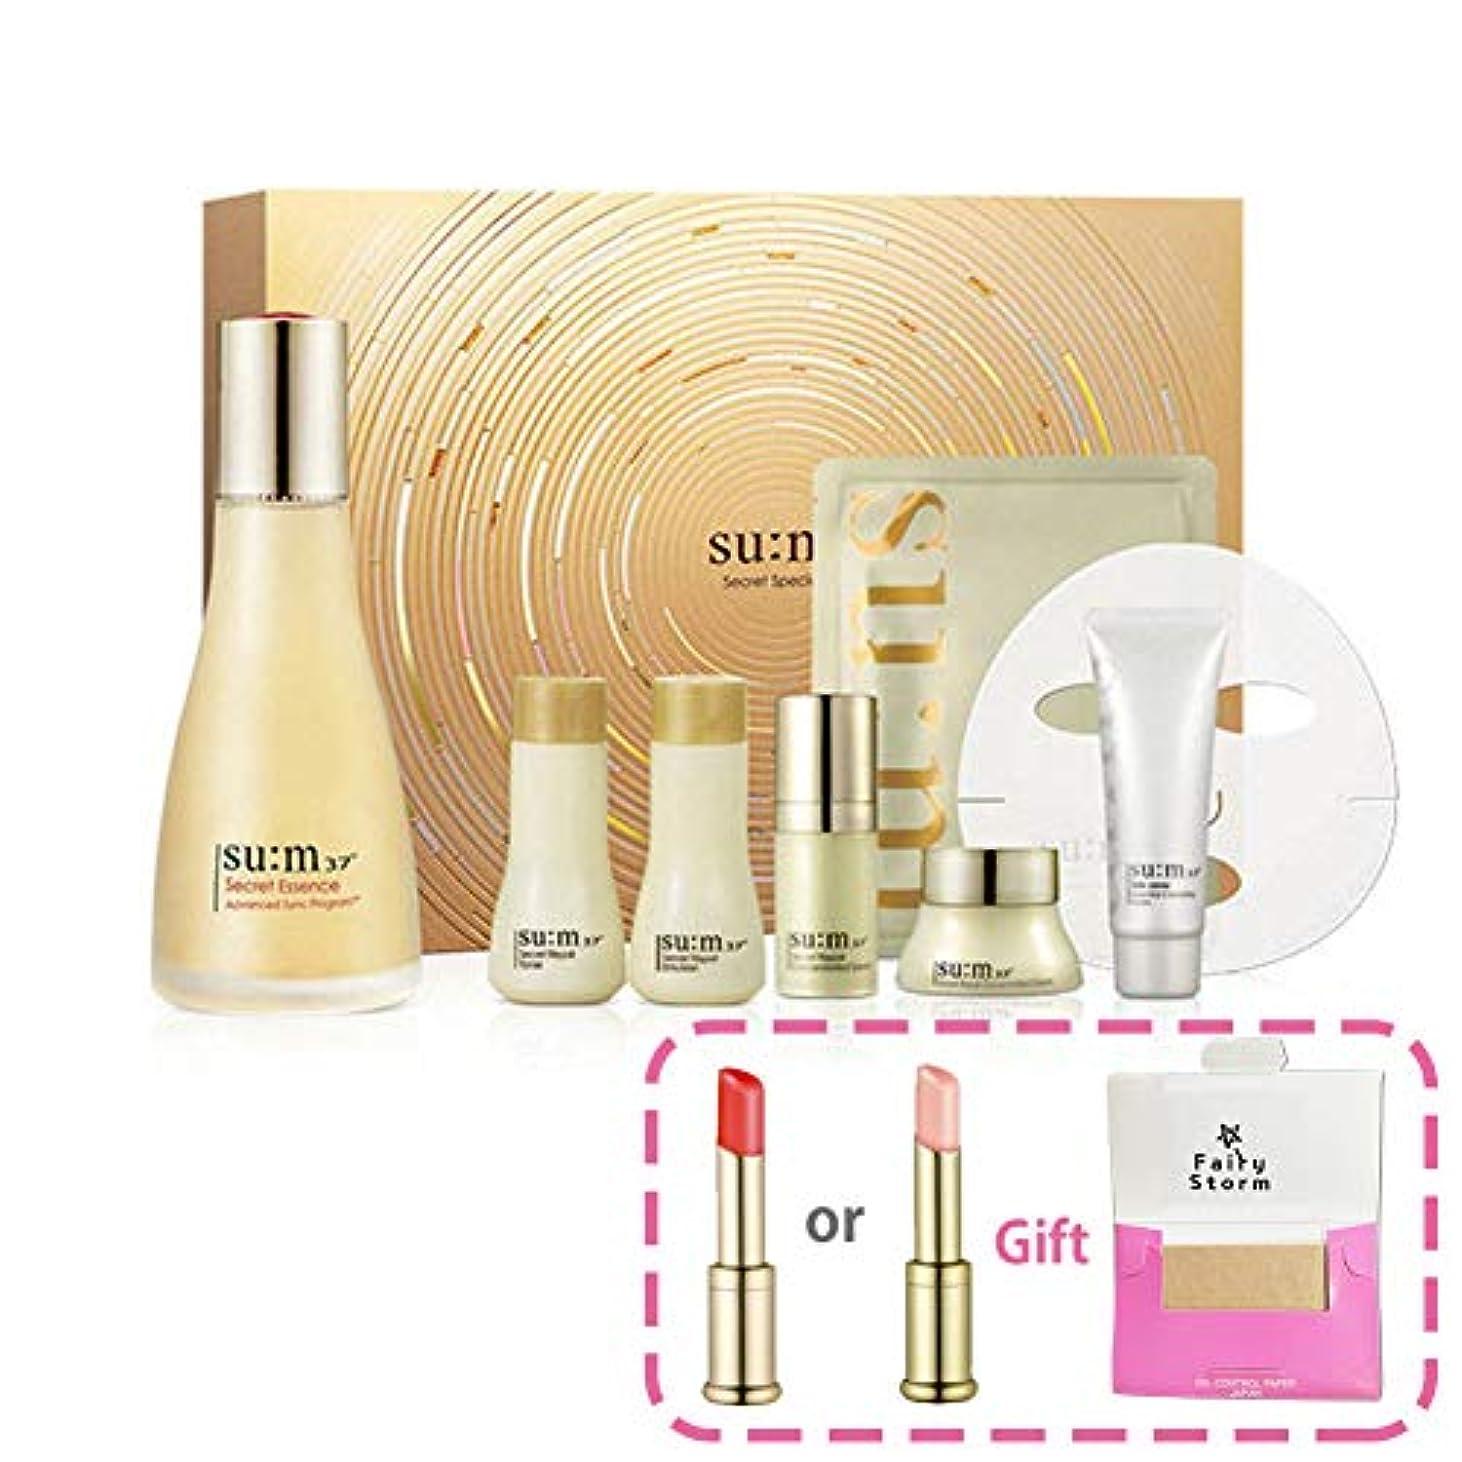 本能小売マイクロプロセッサ[su:m37/スム37°] SUM37 Secret Essence SPECIAL 150ml Limited Edition/シークレットエッセンススペシャルリミテッドエディション+[Sample Gift](海外直送品)